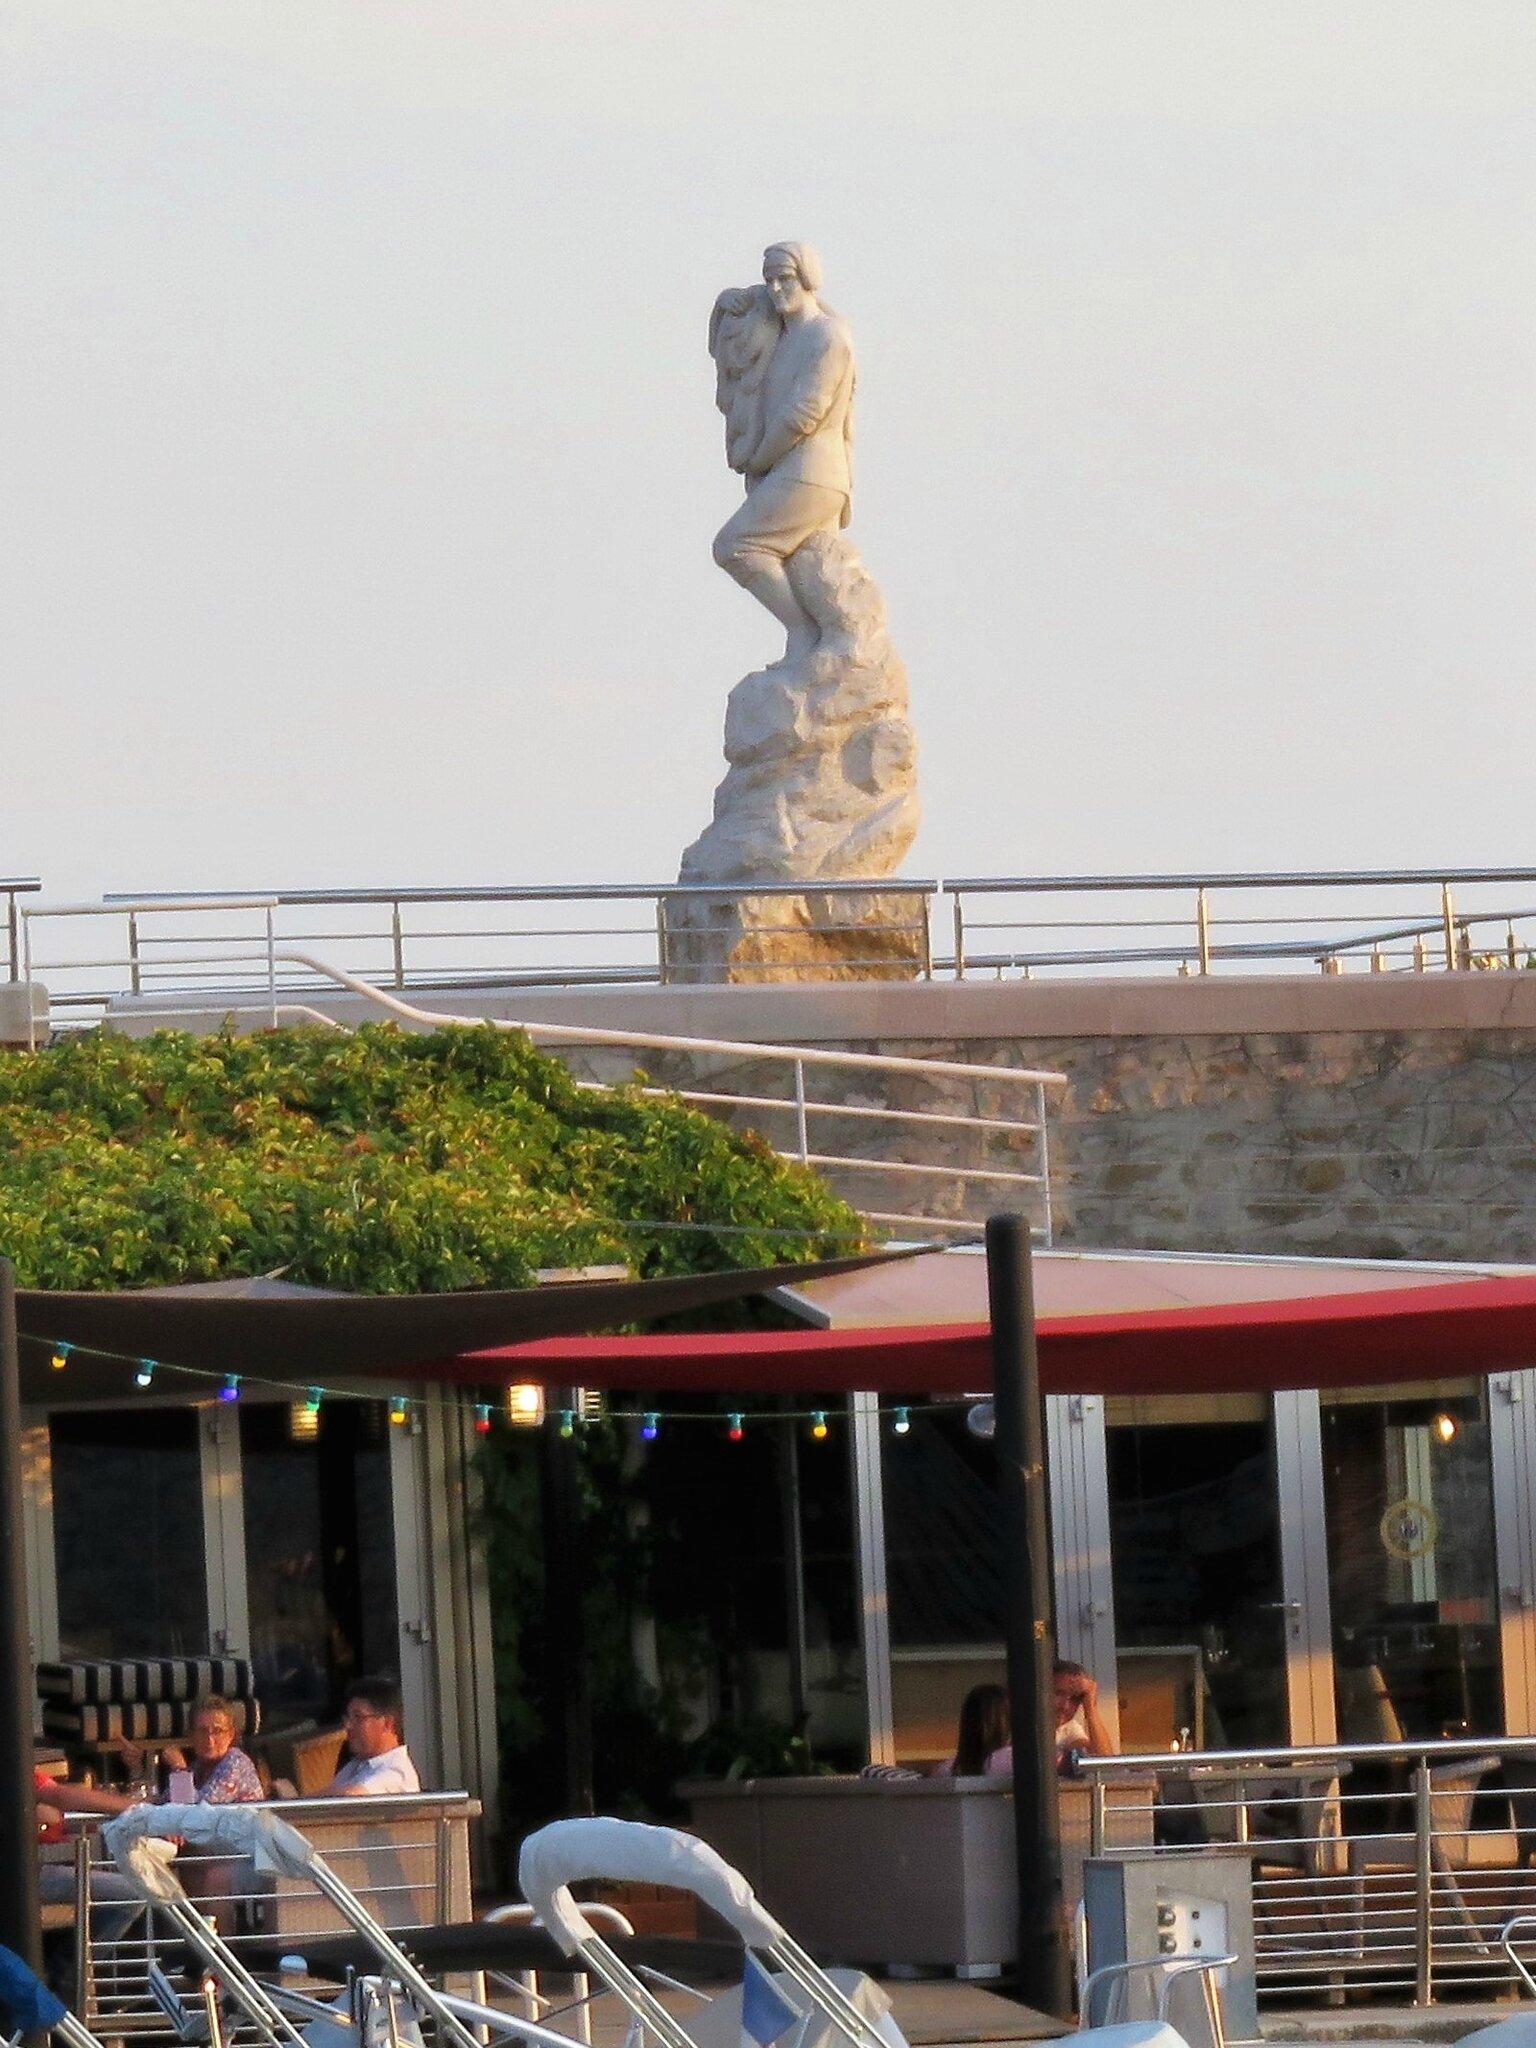 Cassis - La statue sur la jetée